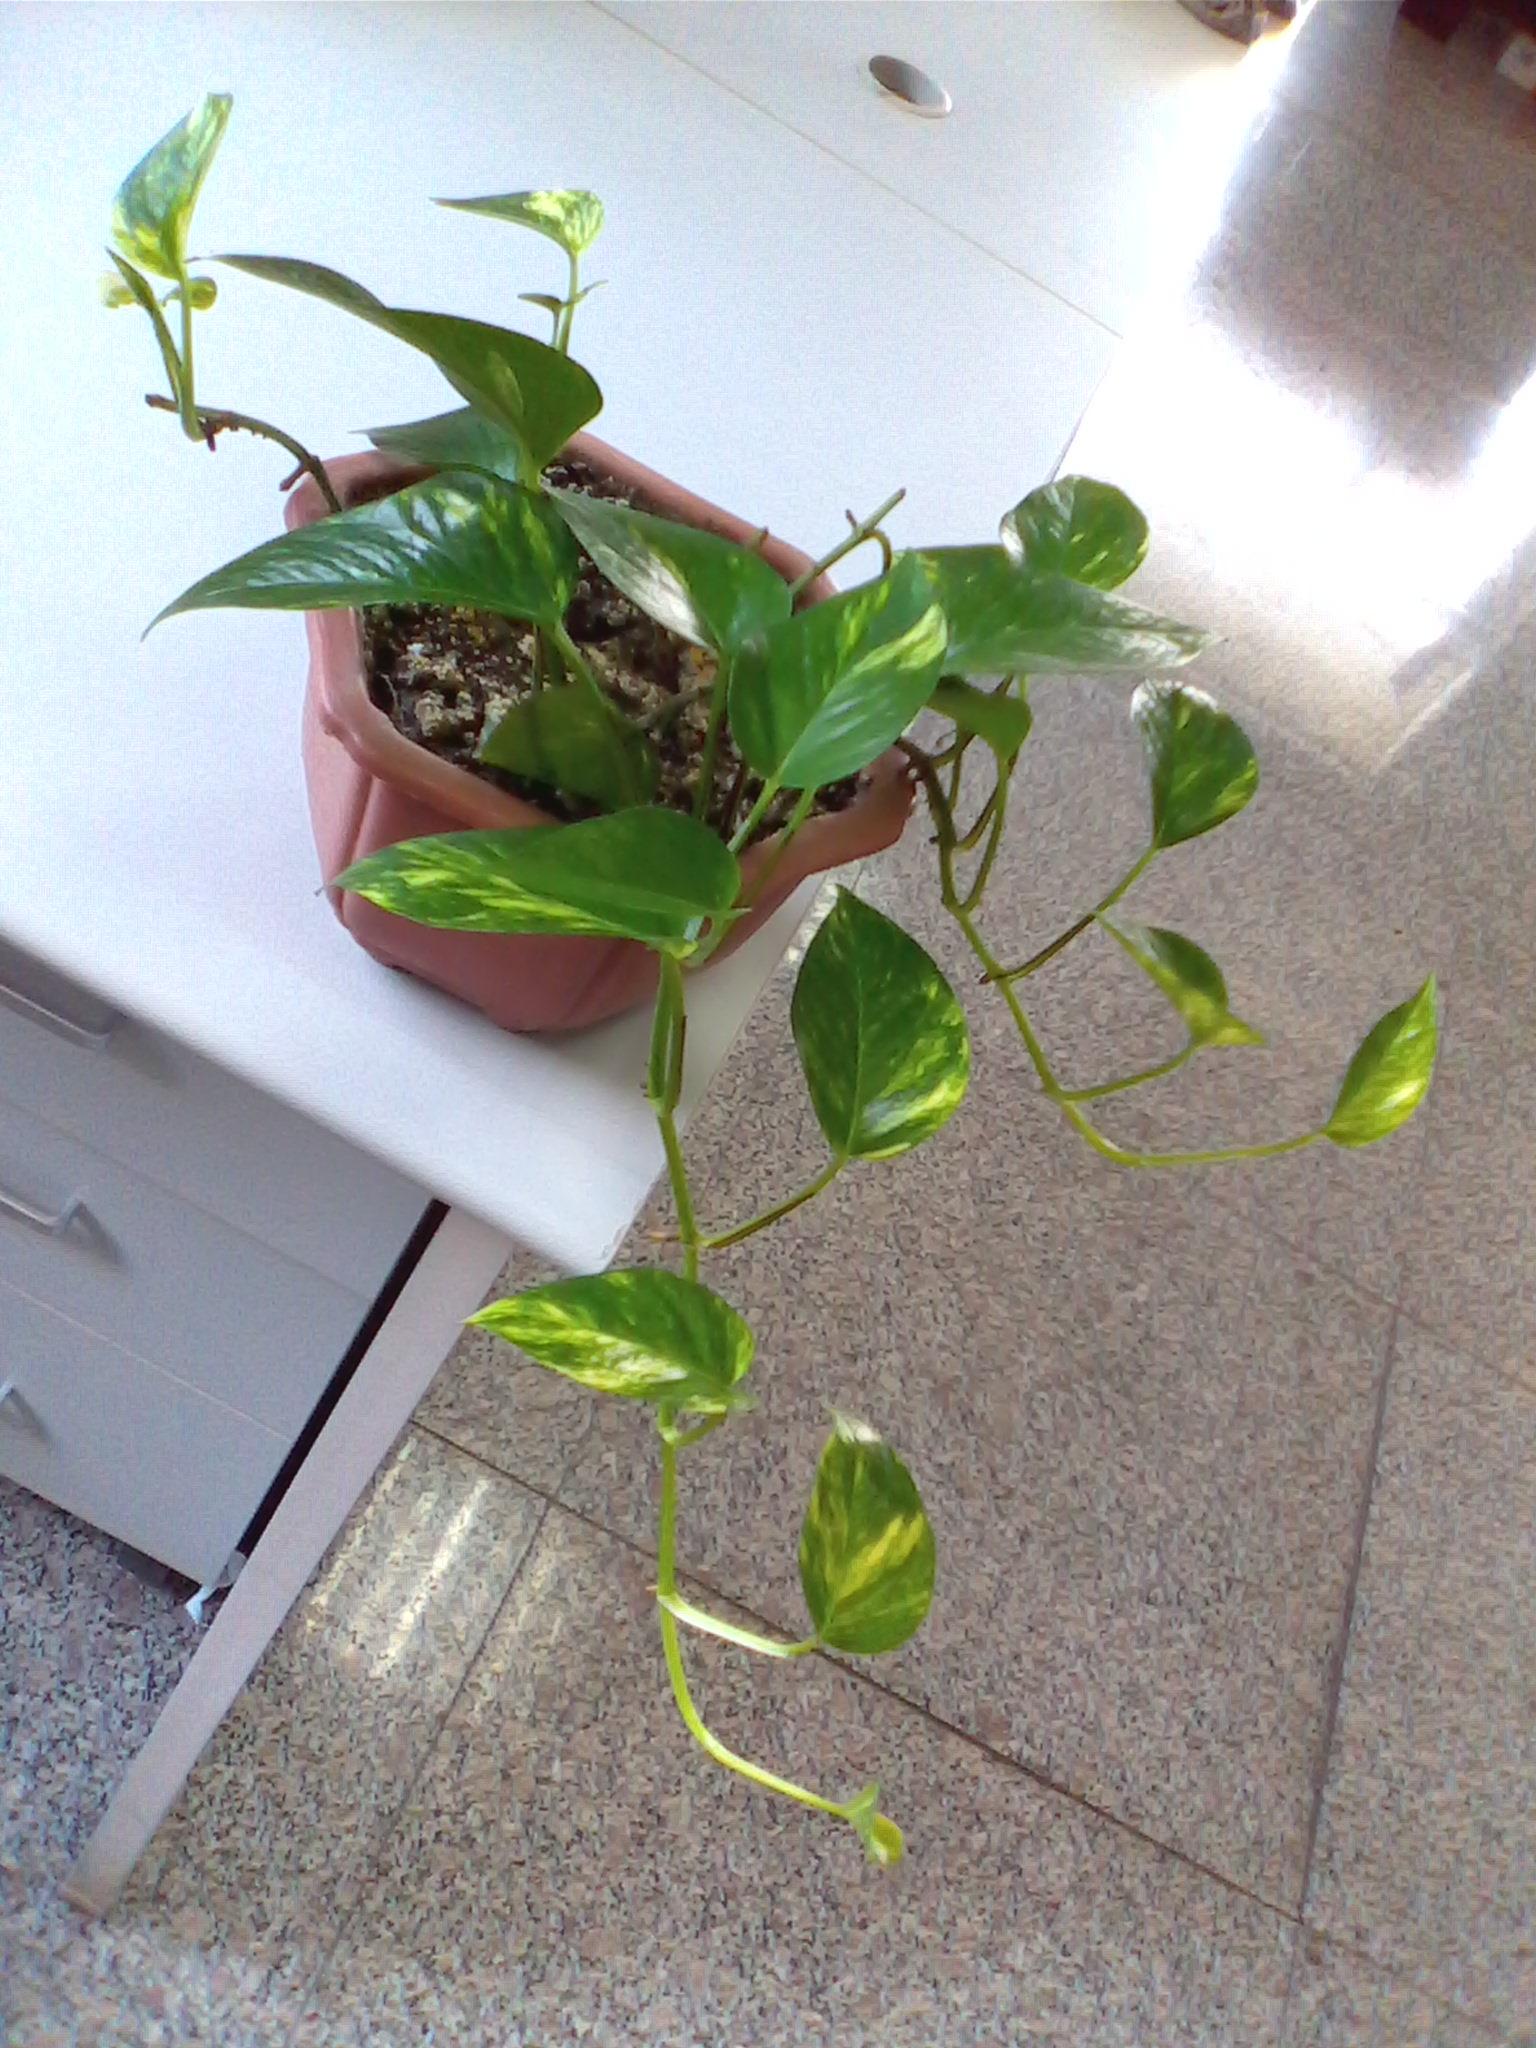 吊兰的品种名称-吊兰的种类 吊兰的种类有哪些 吊兰的种类及图片名称